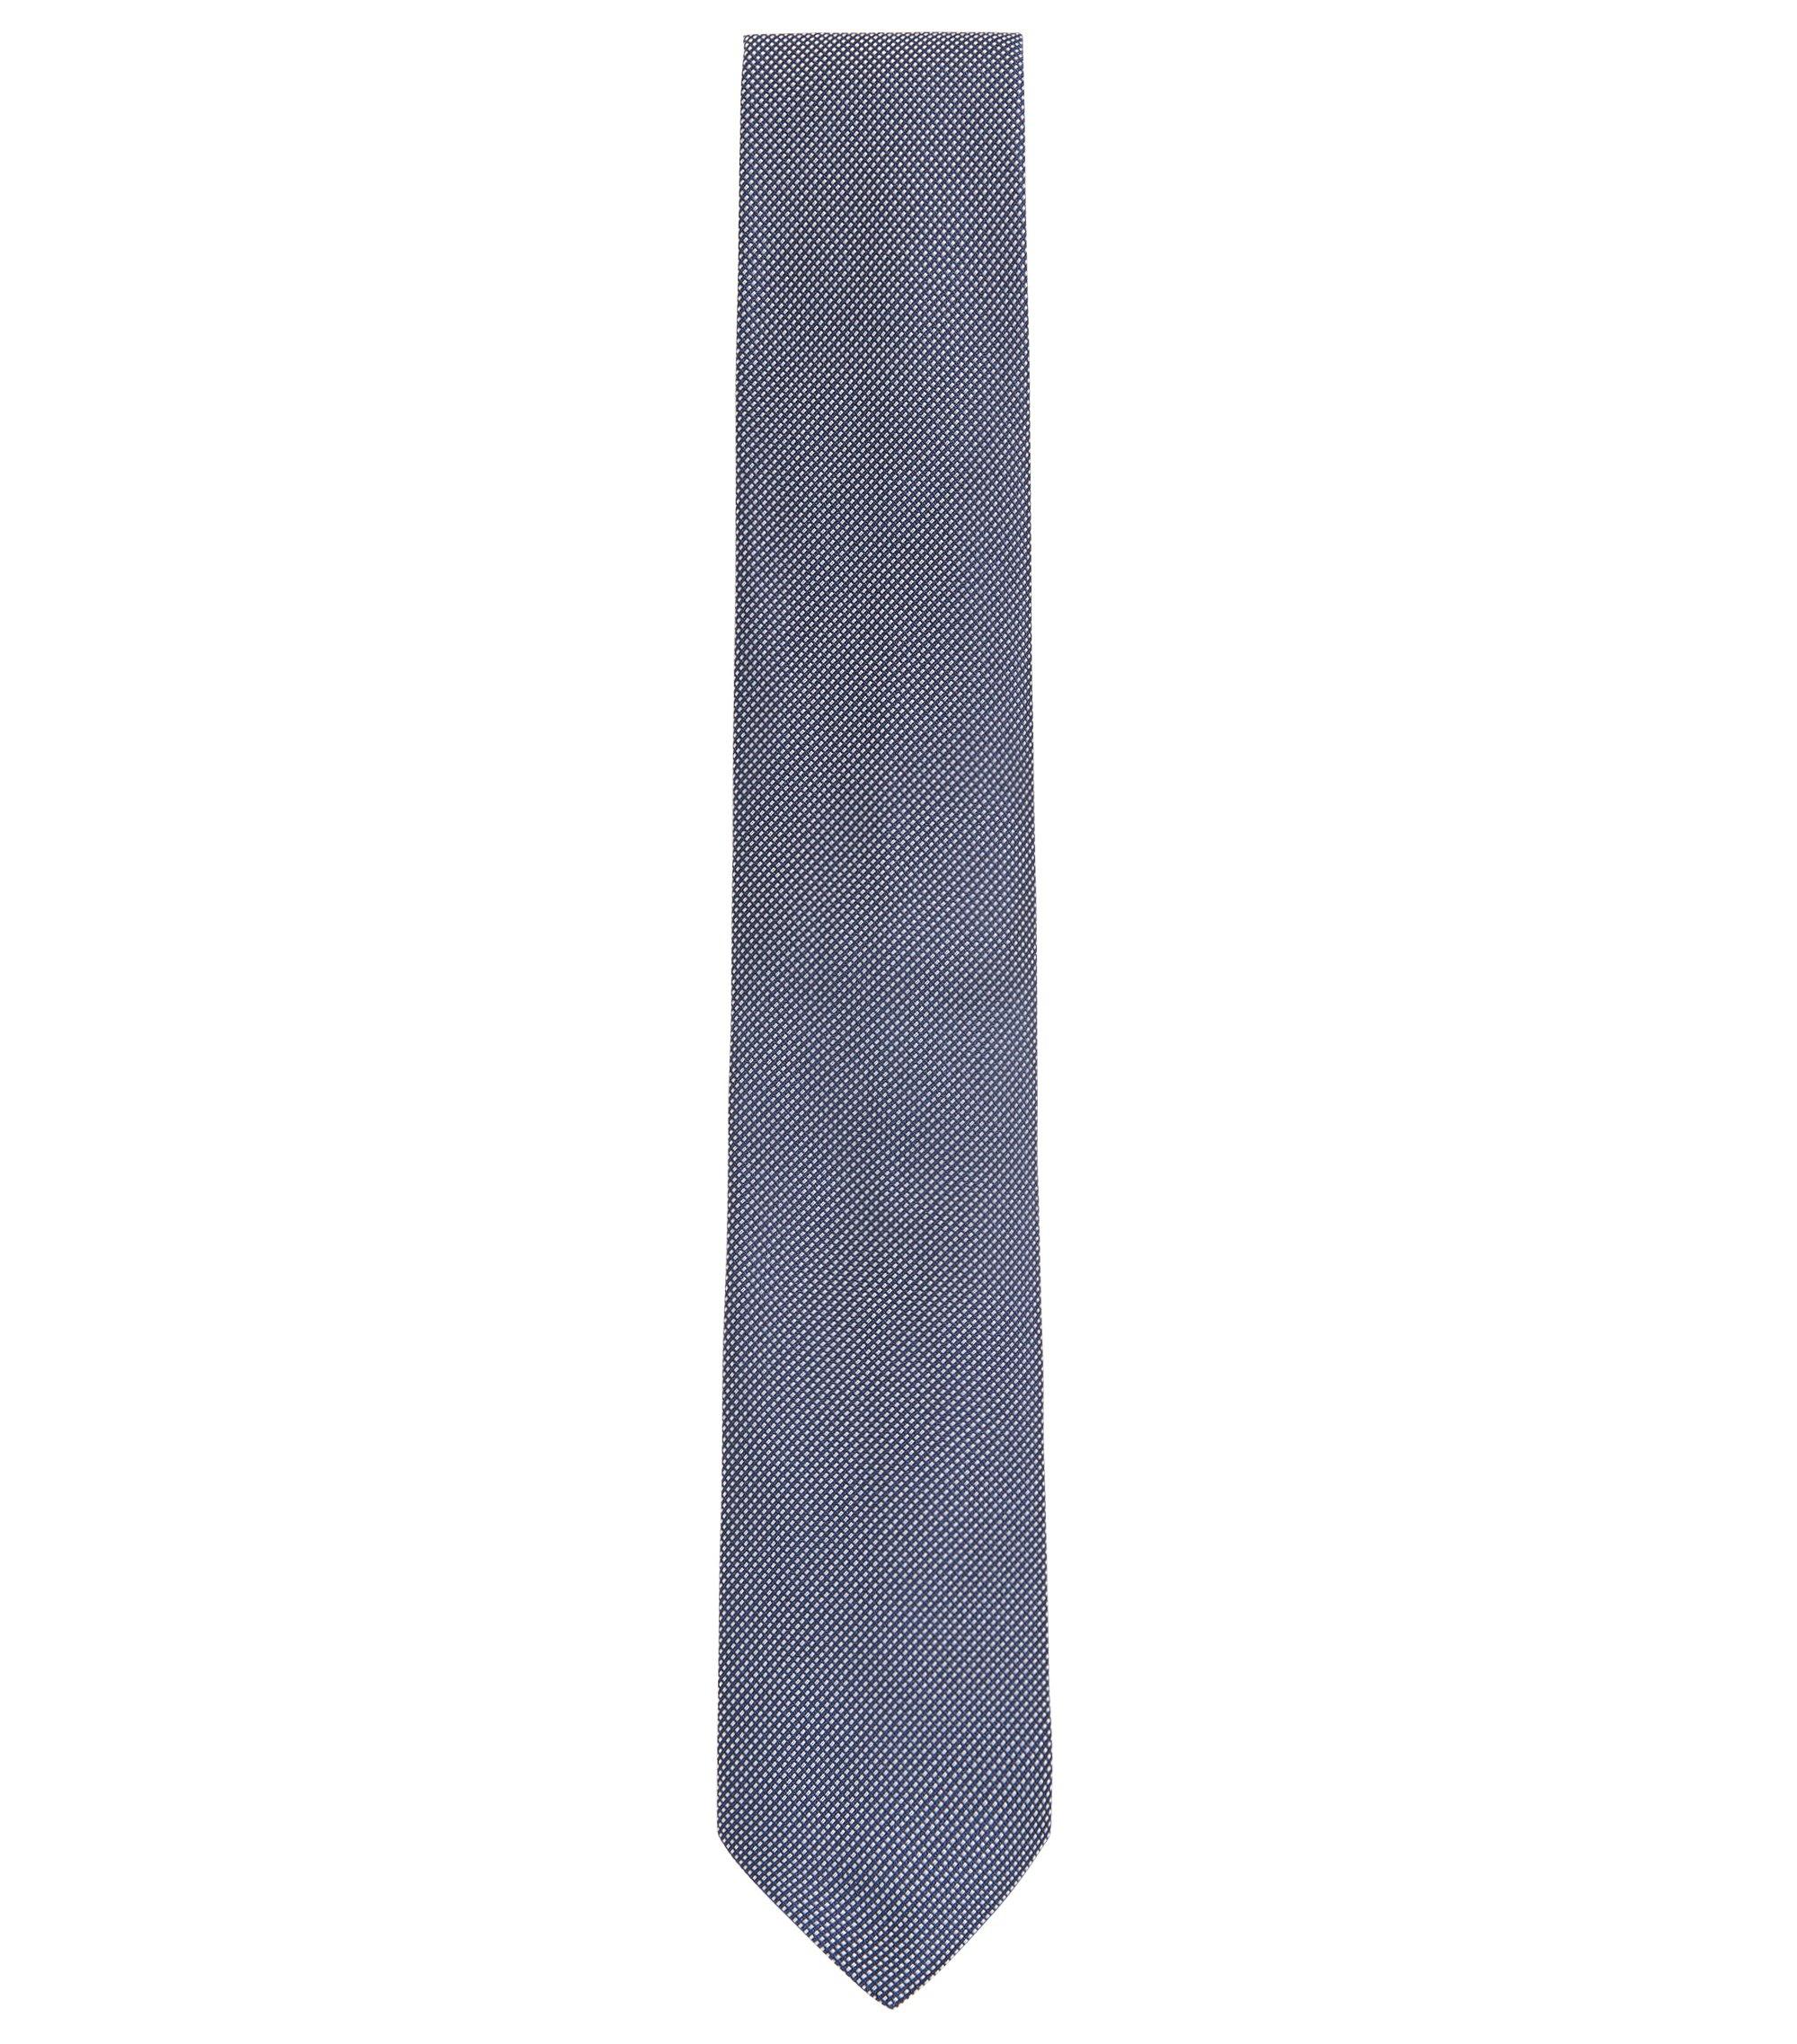 Cravate en jacquard de soie raffinée à micro-motif, Bleu foncé